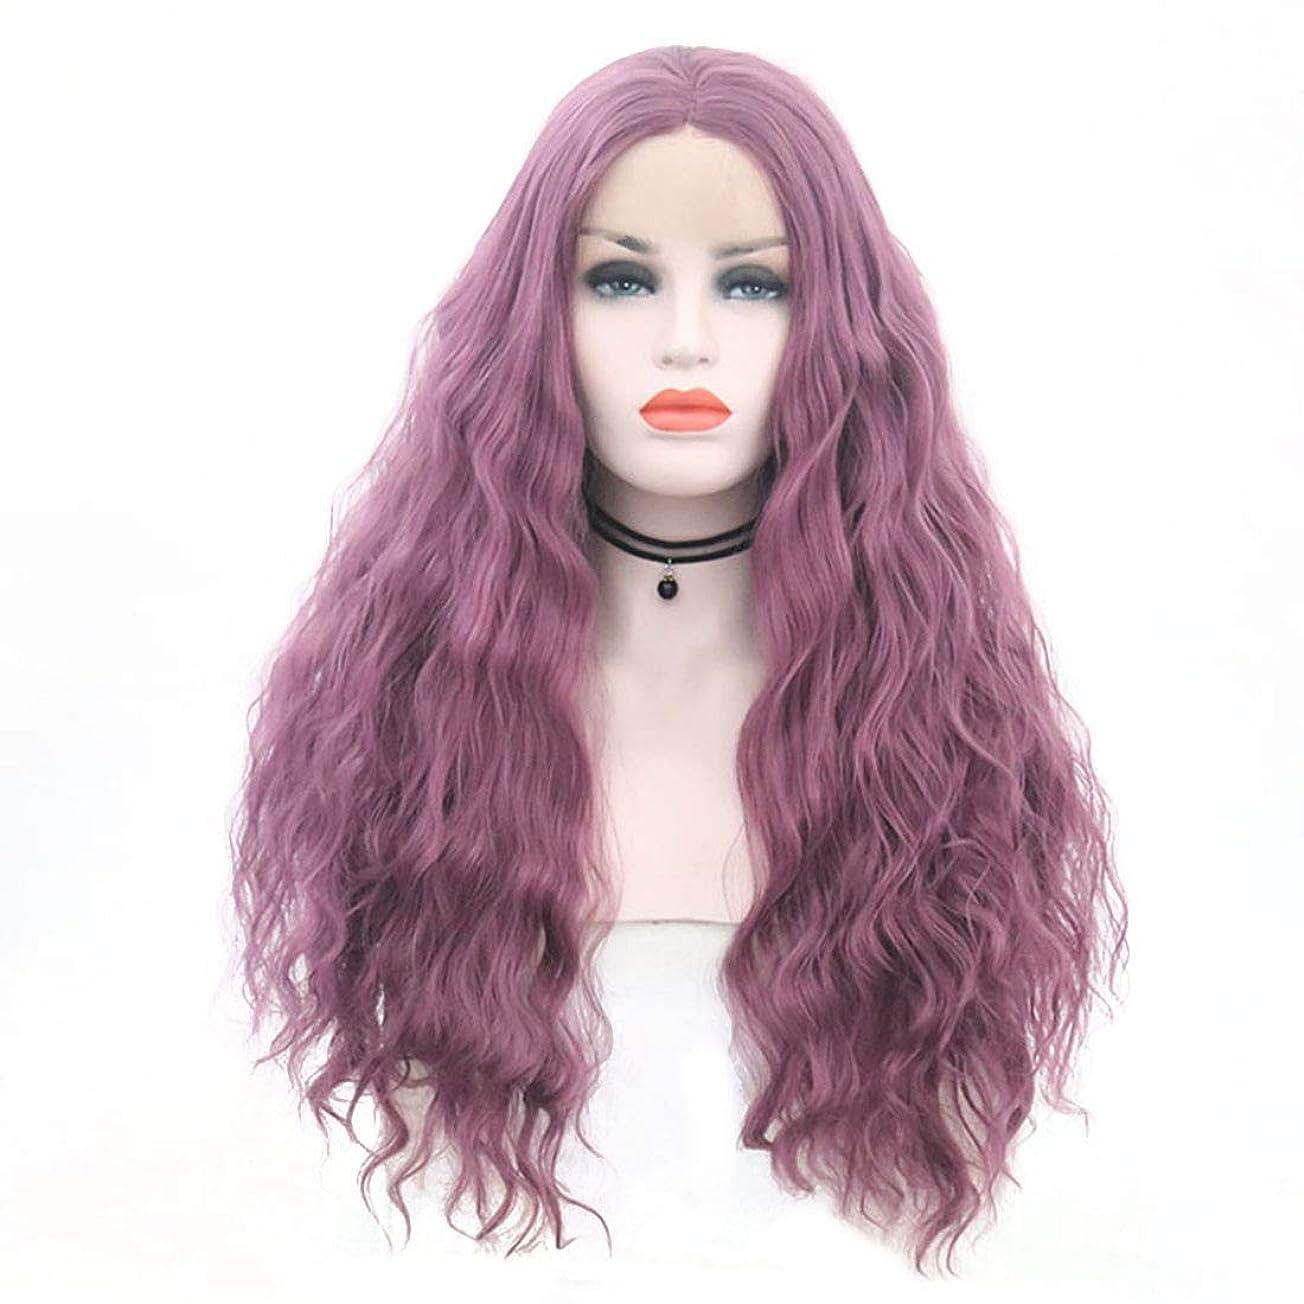 日食投獄世代Yrattary フロントレースかつらロングヘア細いつる紫色の大きな波状の長い巻き毛のかつらセット合成ヘアレースかつらロールプレイングかつら (色 : 紫の, サイズ : 18 inches)